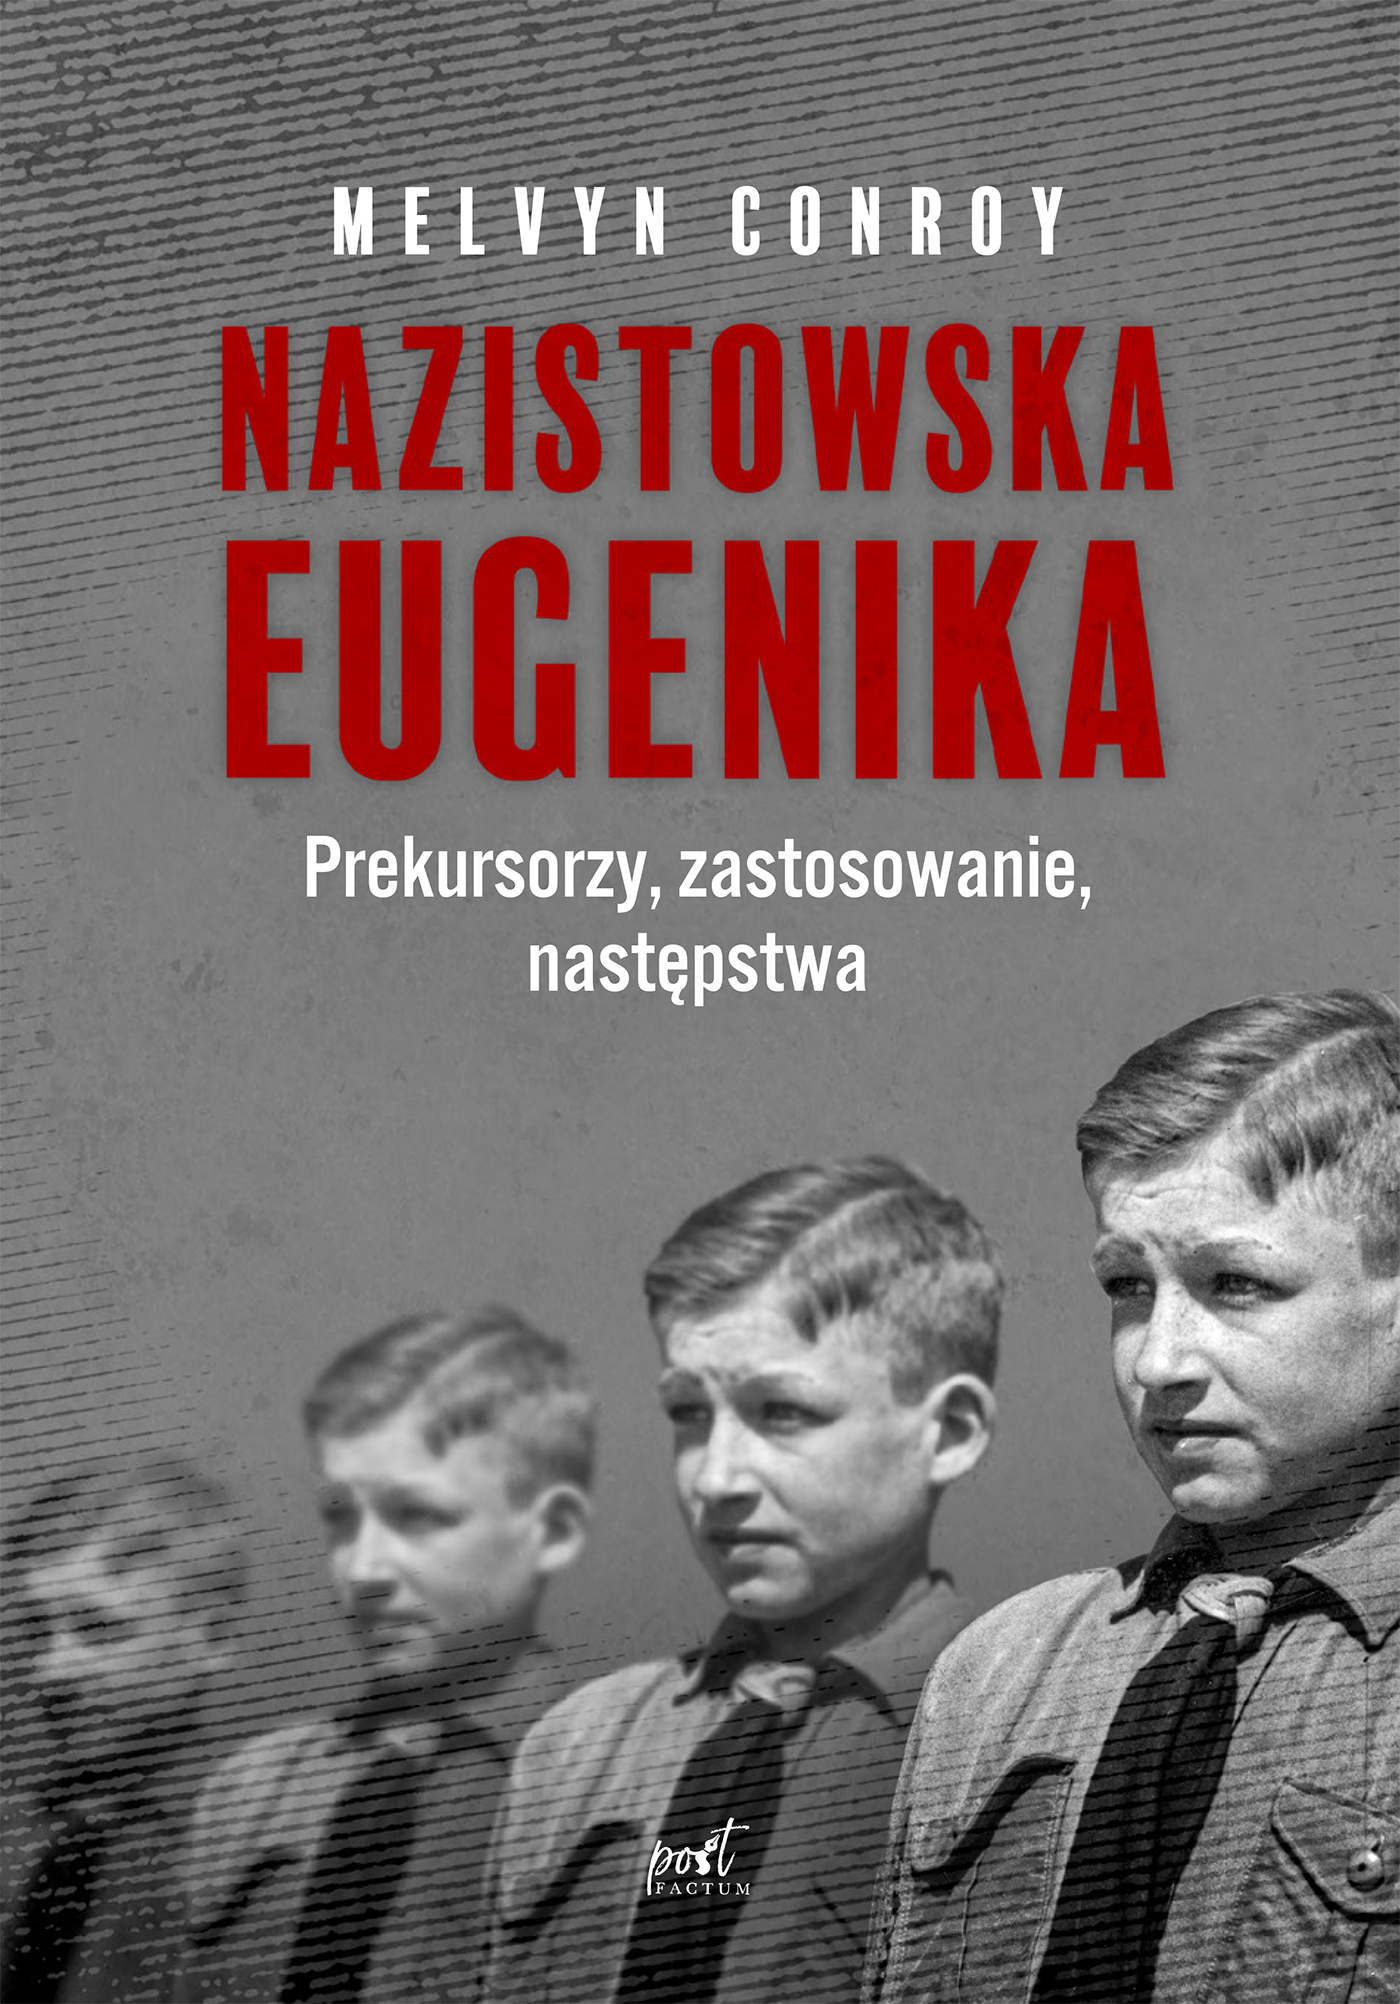 Nazistowska eugenika. Prekursorzy, zastosowanie, następstwa